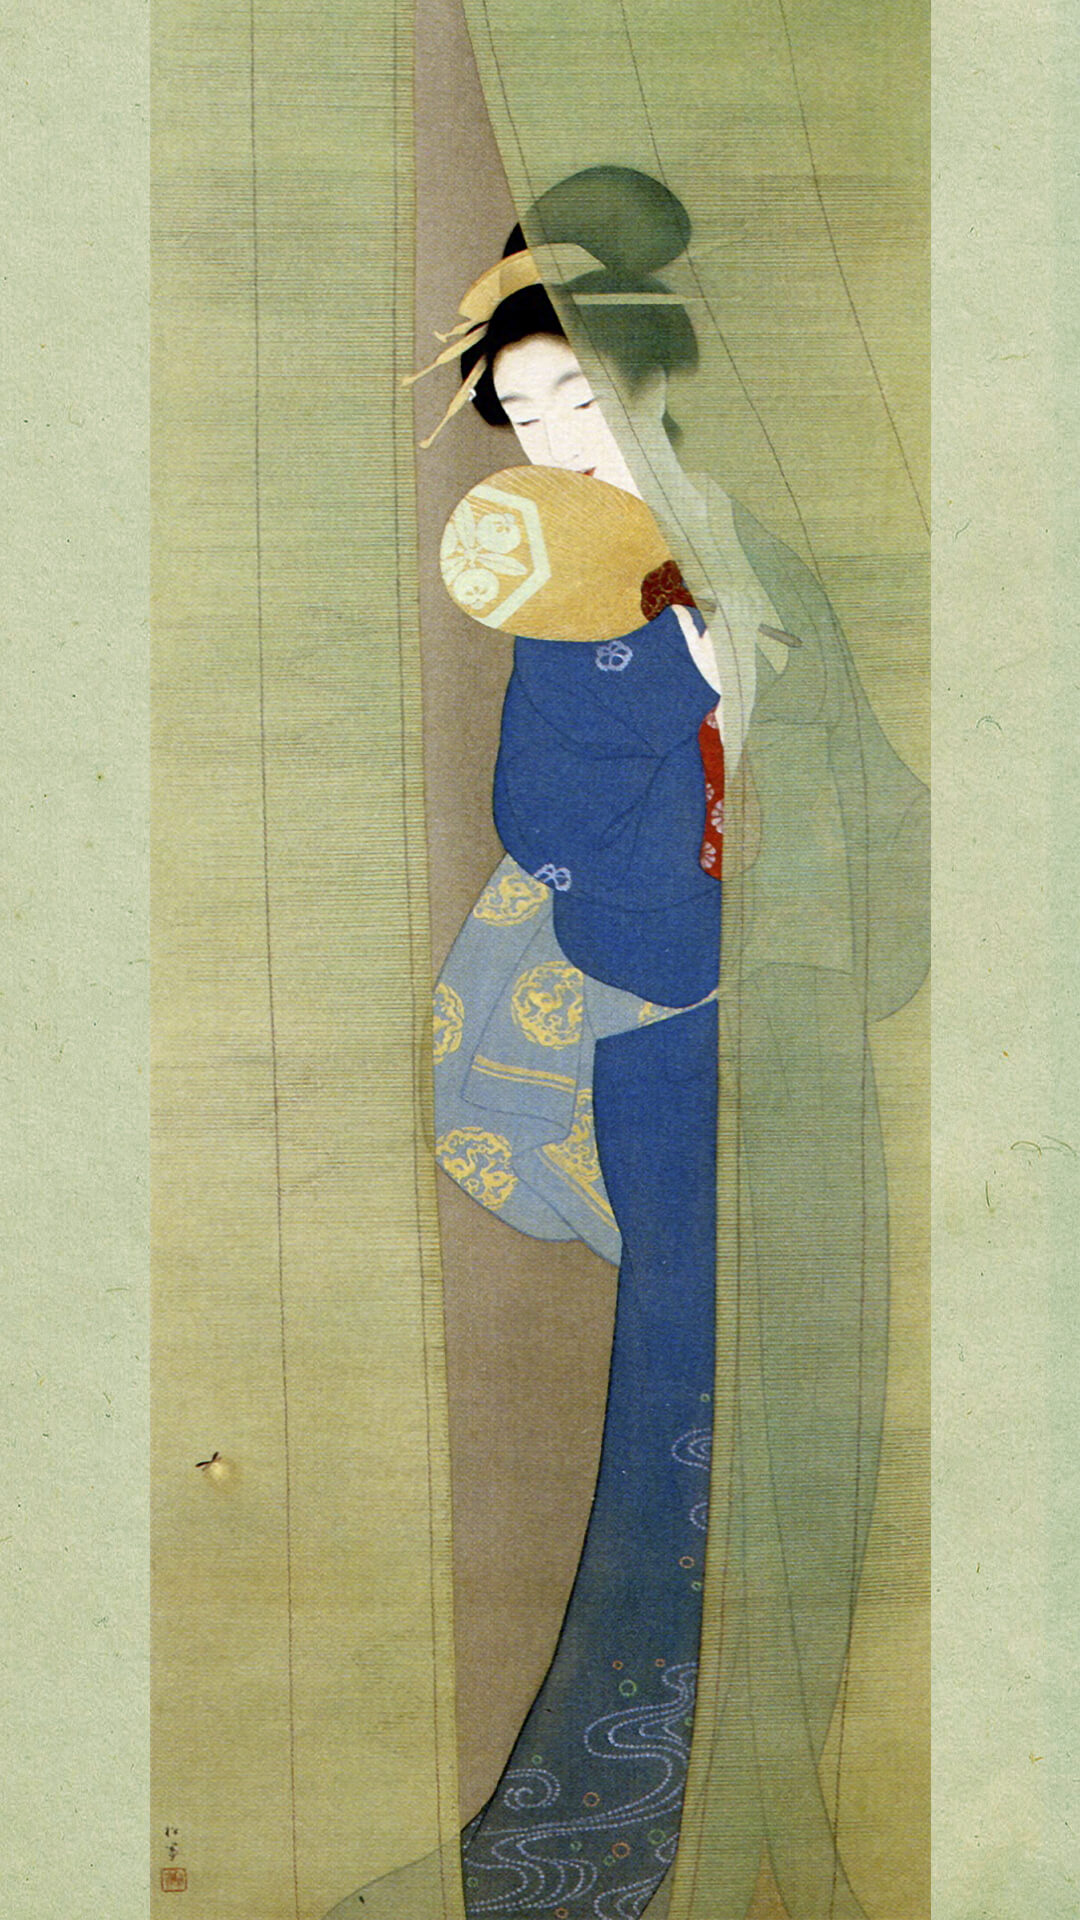 uemura shoen-shinhotaru_1080x1920